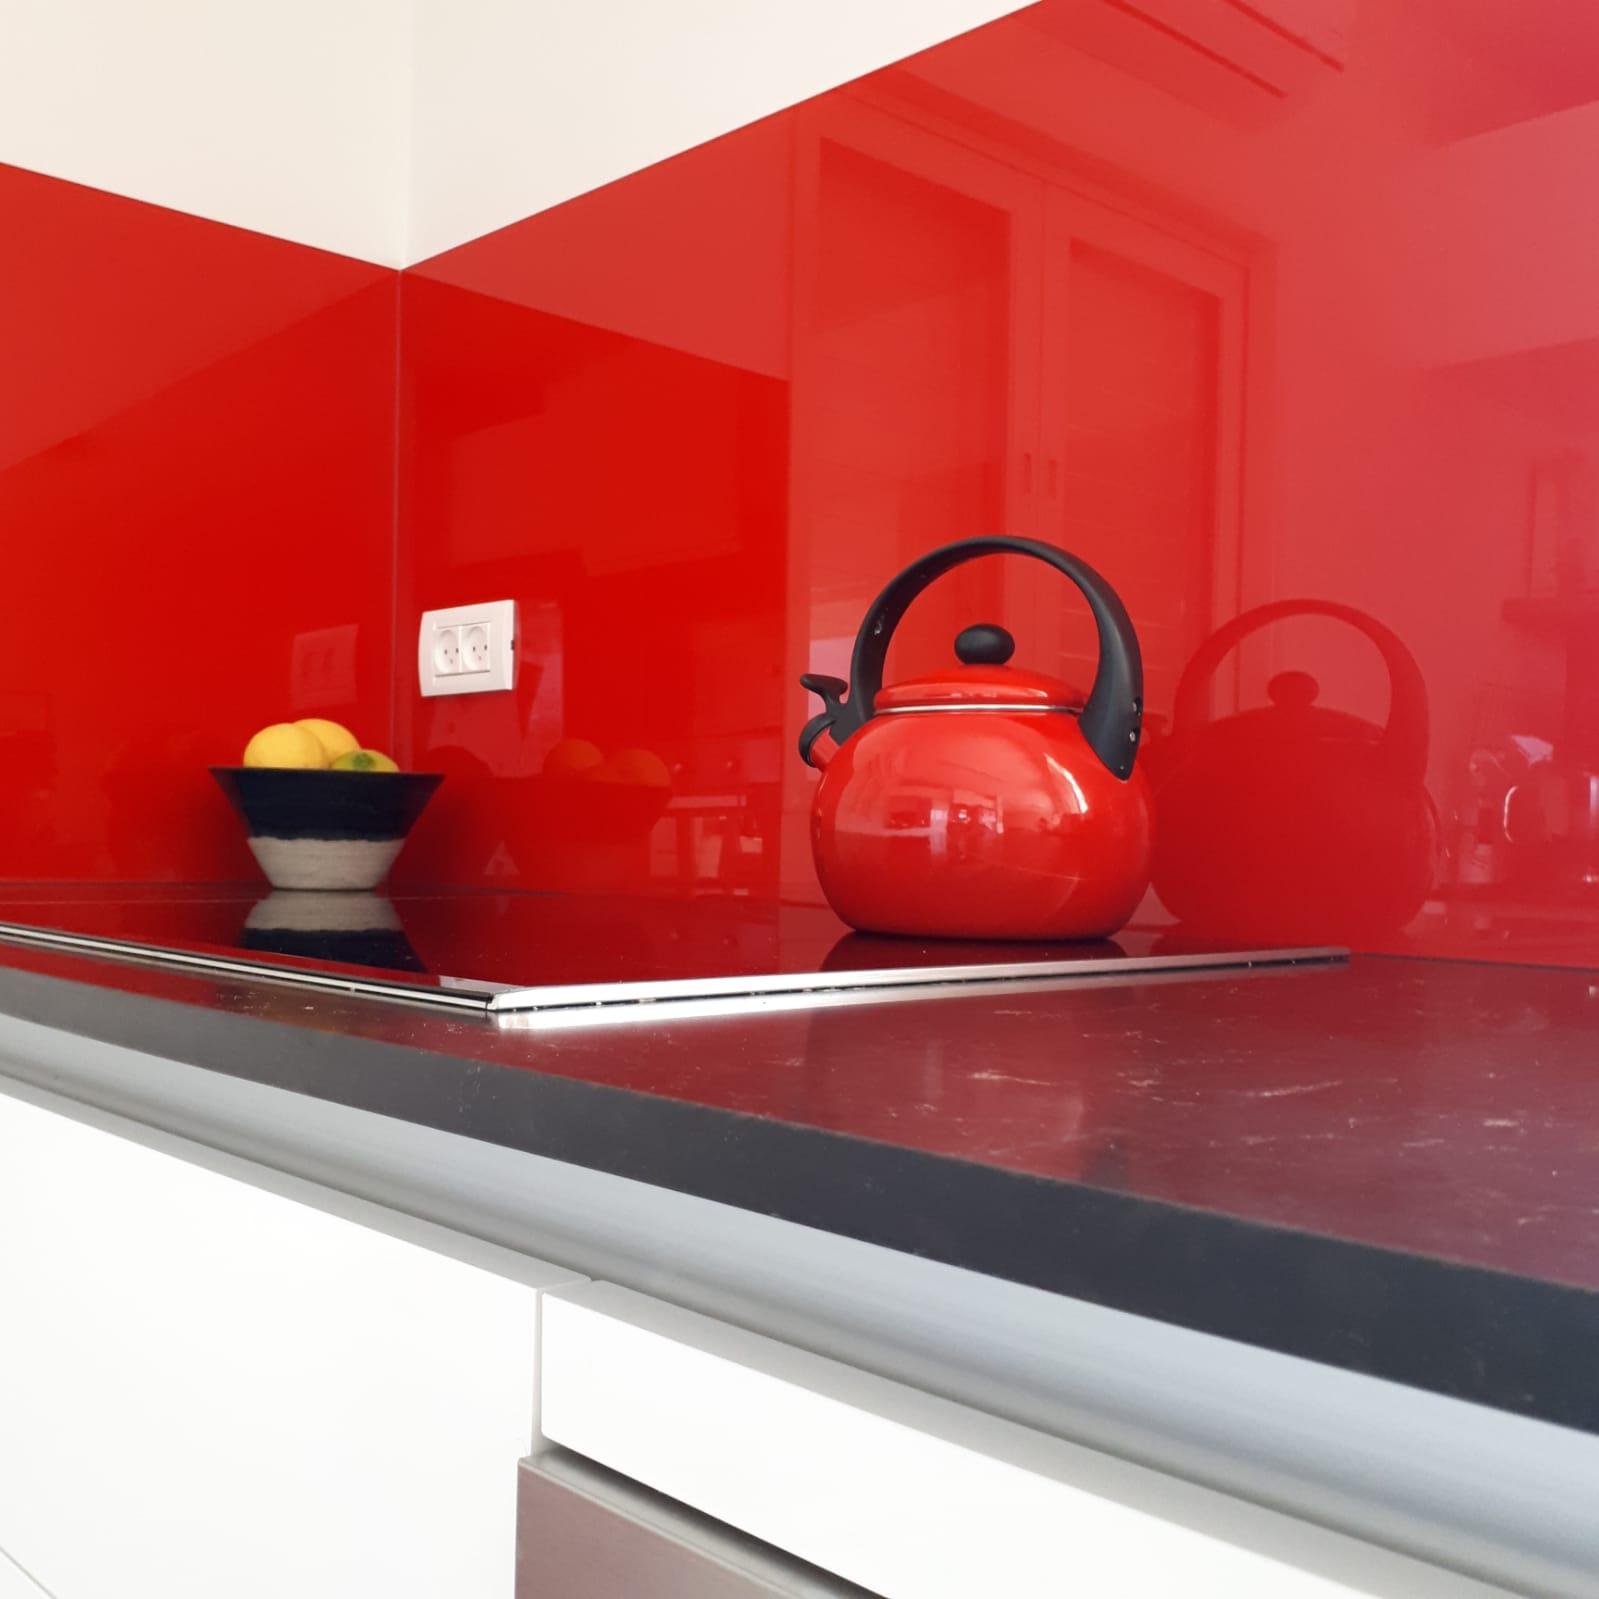 מטבח בסגנון מודרני. עוצב על ידי המעצב <a href='/designers?des_id=2386'>עירית לביא</a>